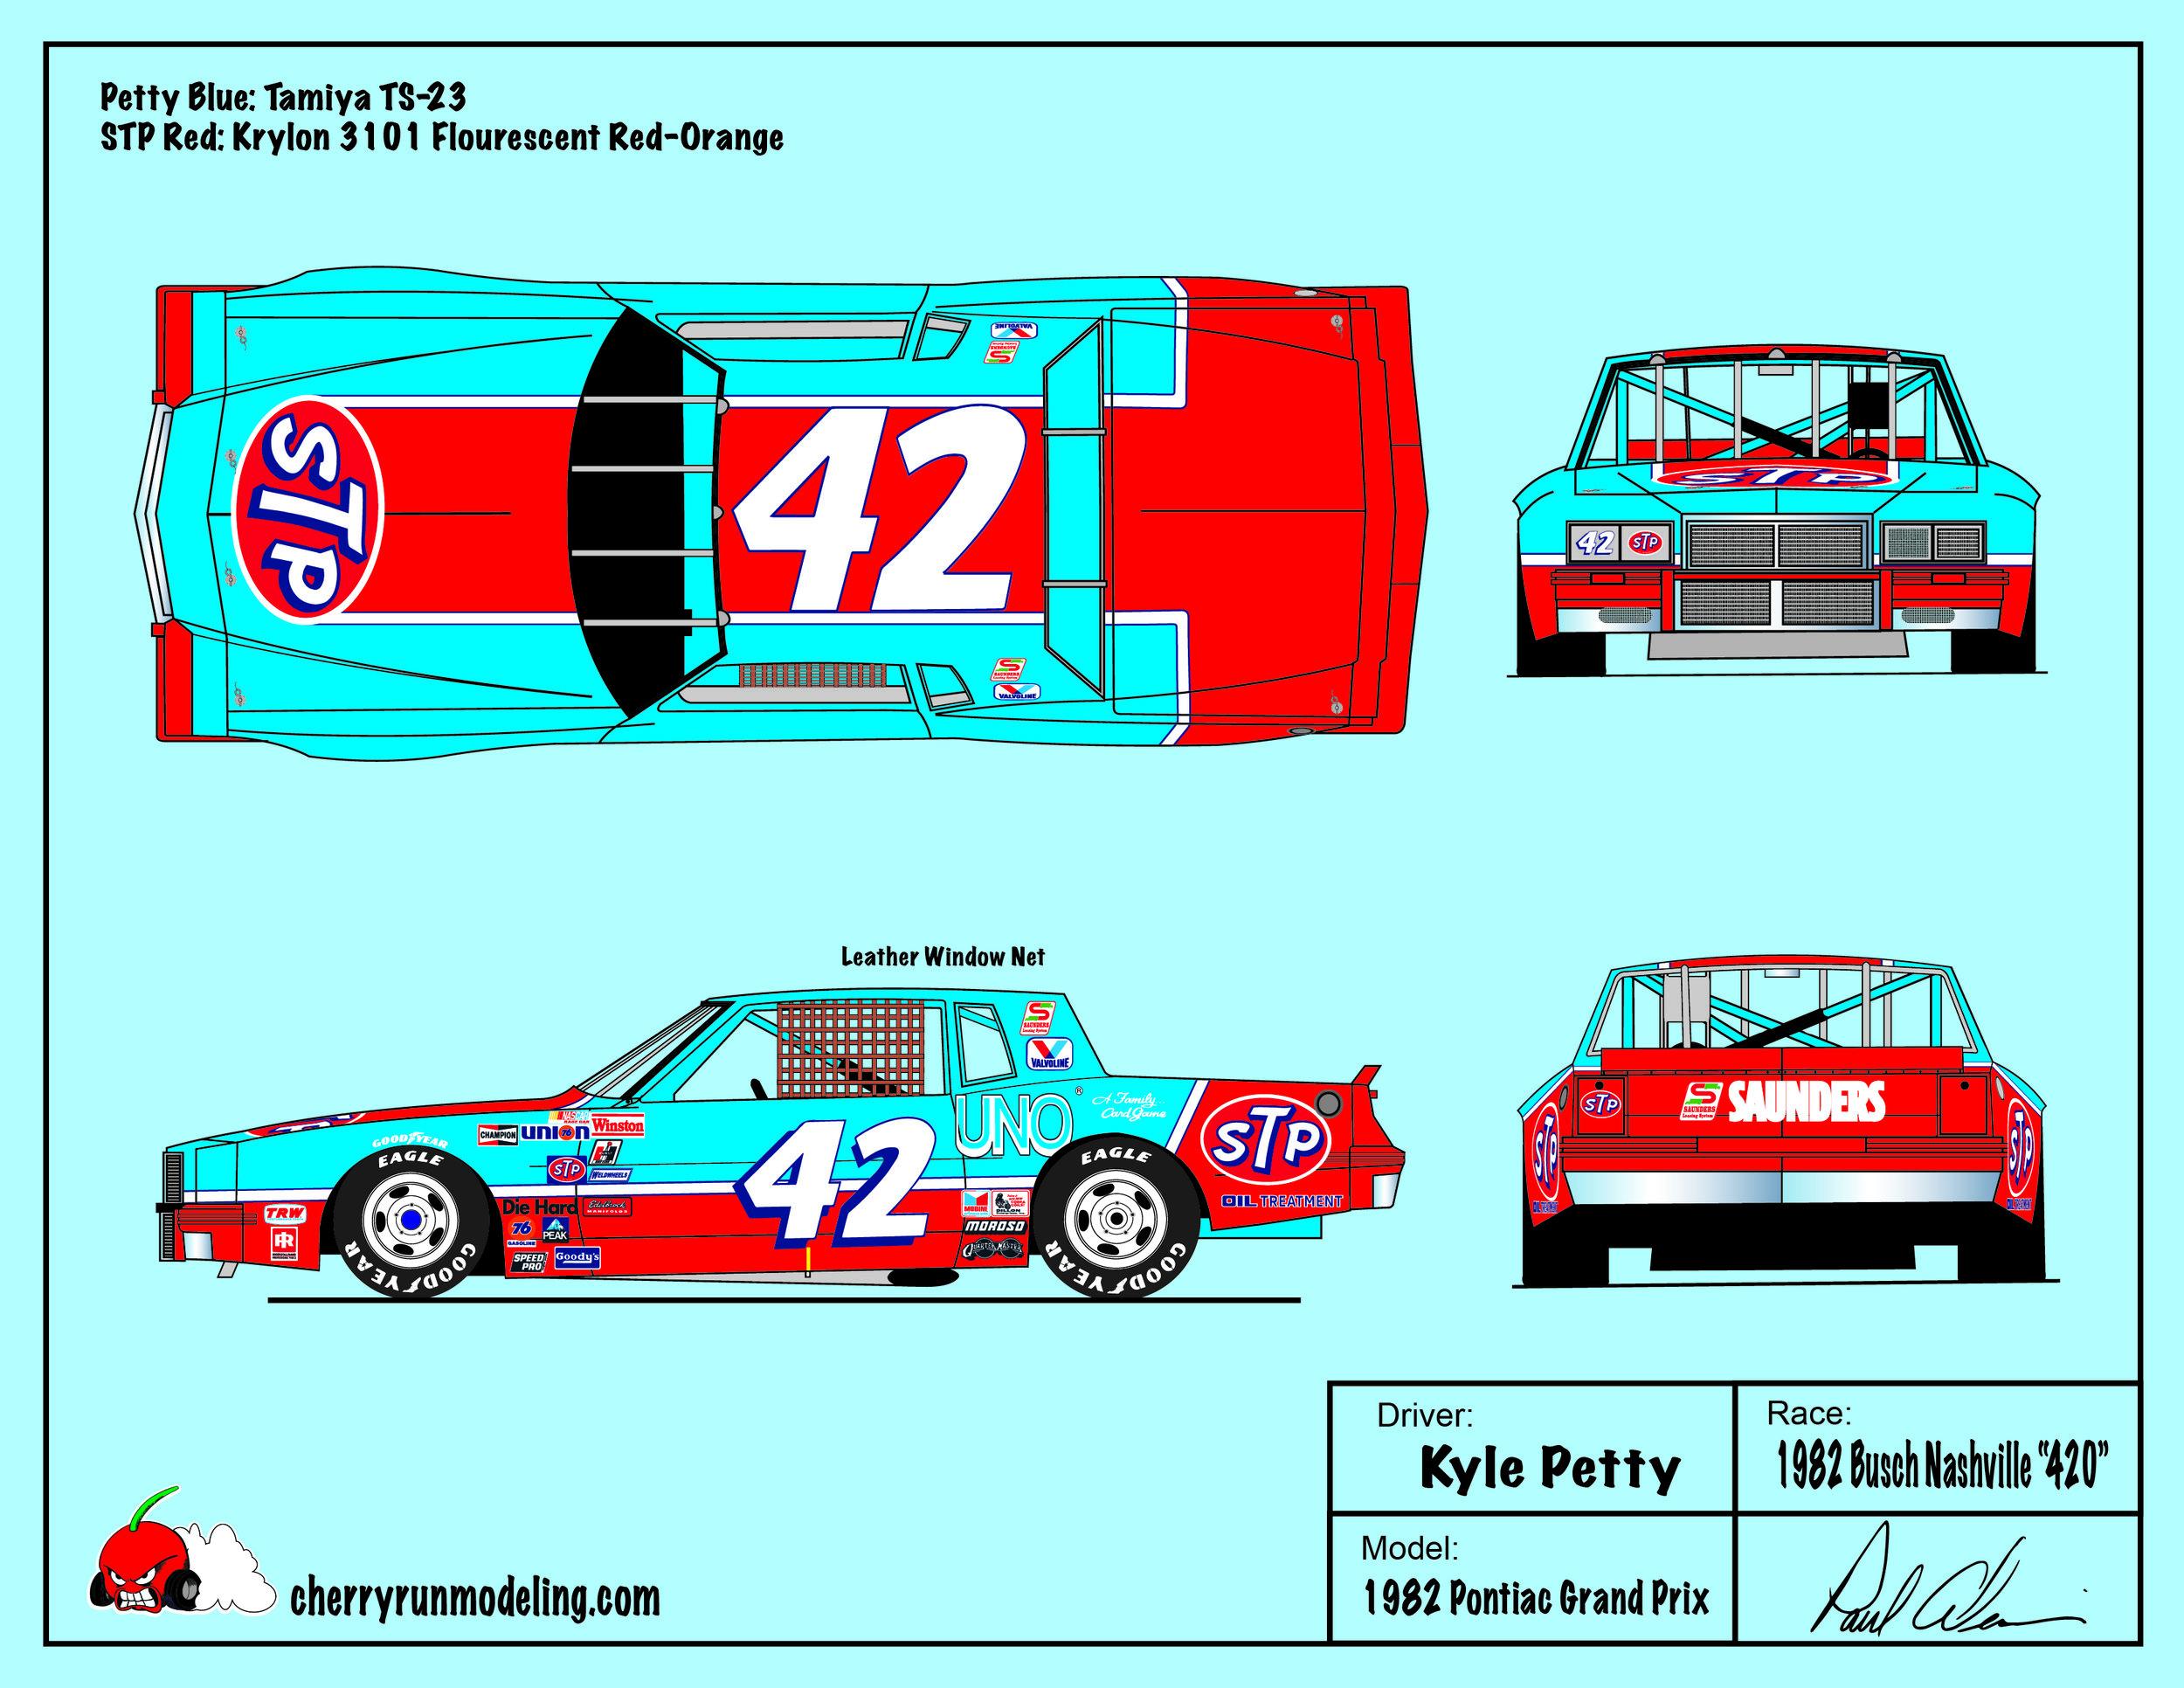 Kyle Petty 1982 Busch Nashville 420.jpg